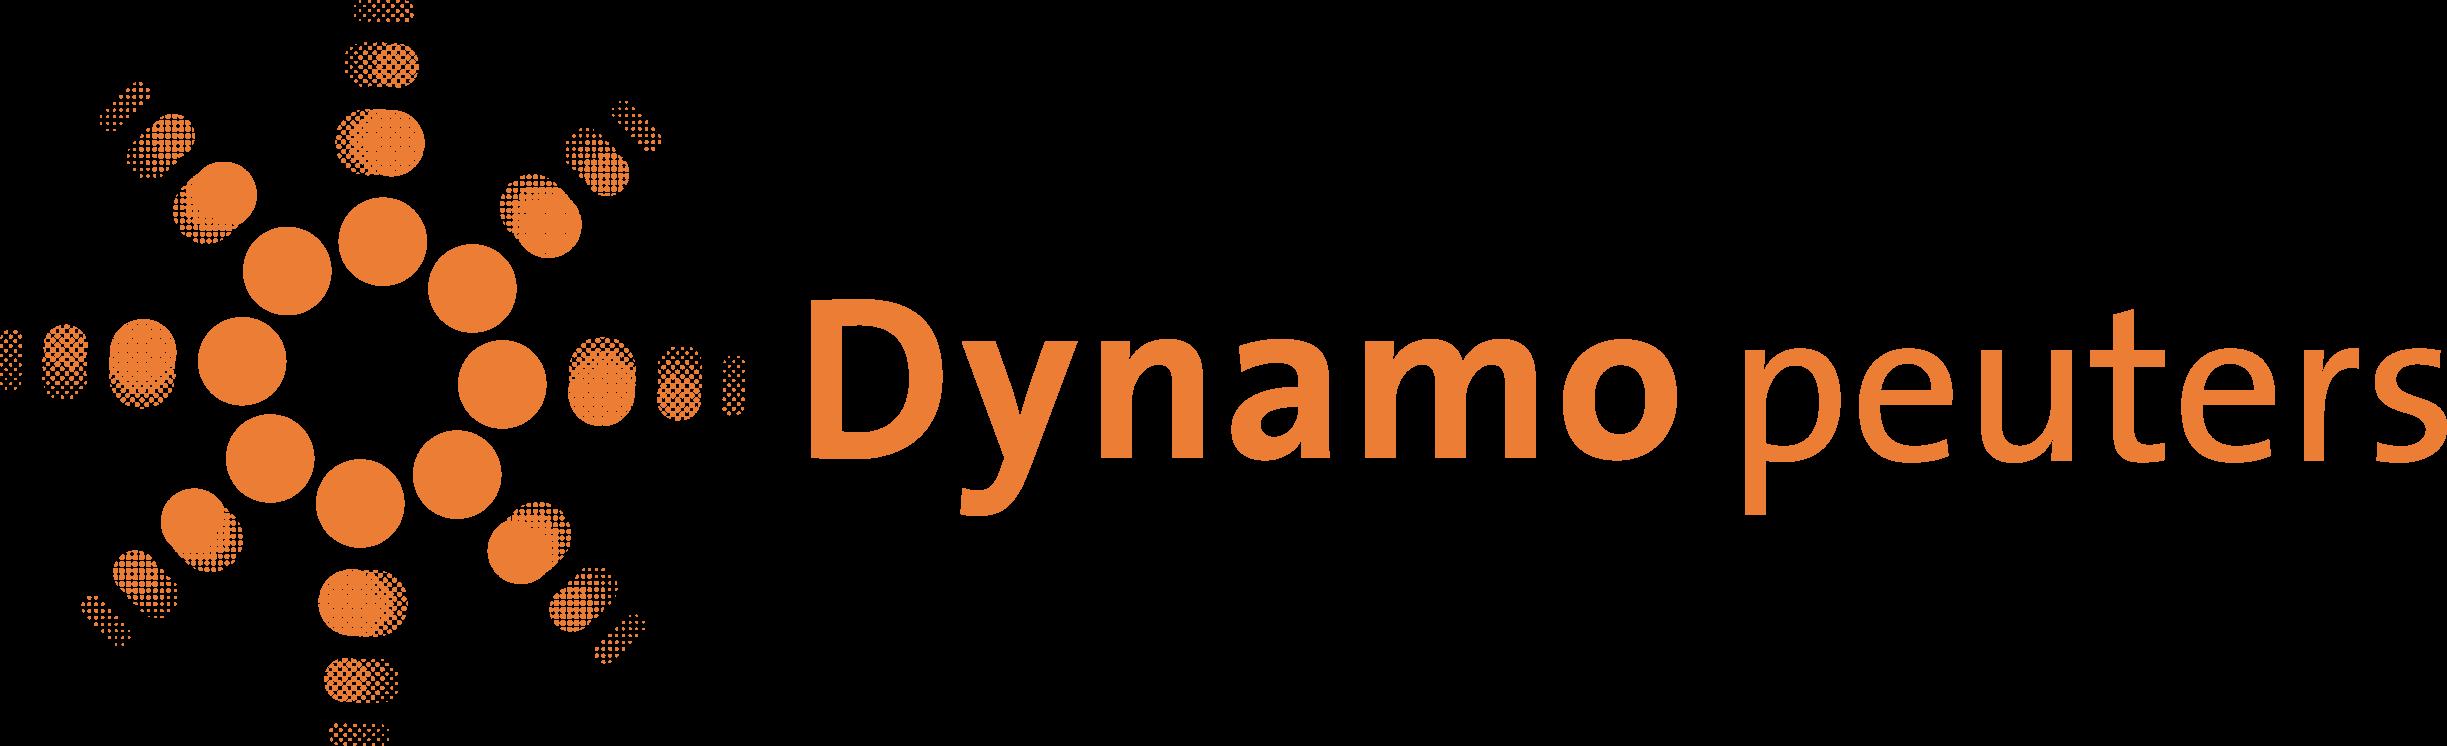 Peuter bij Dynamo